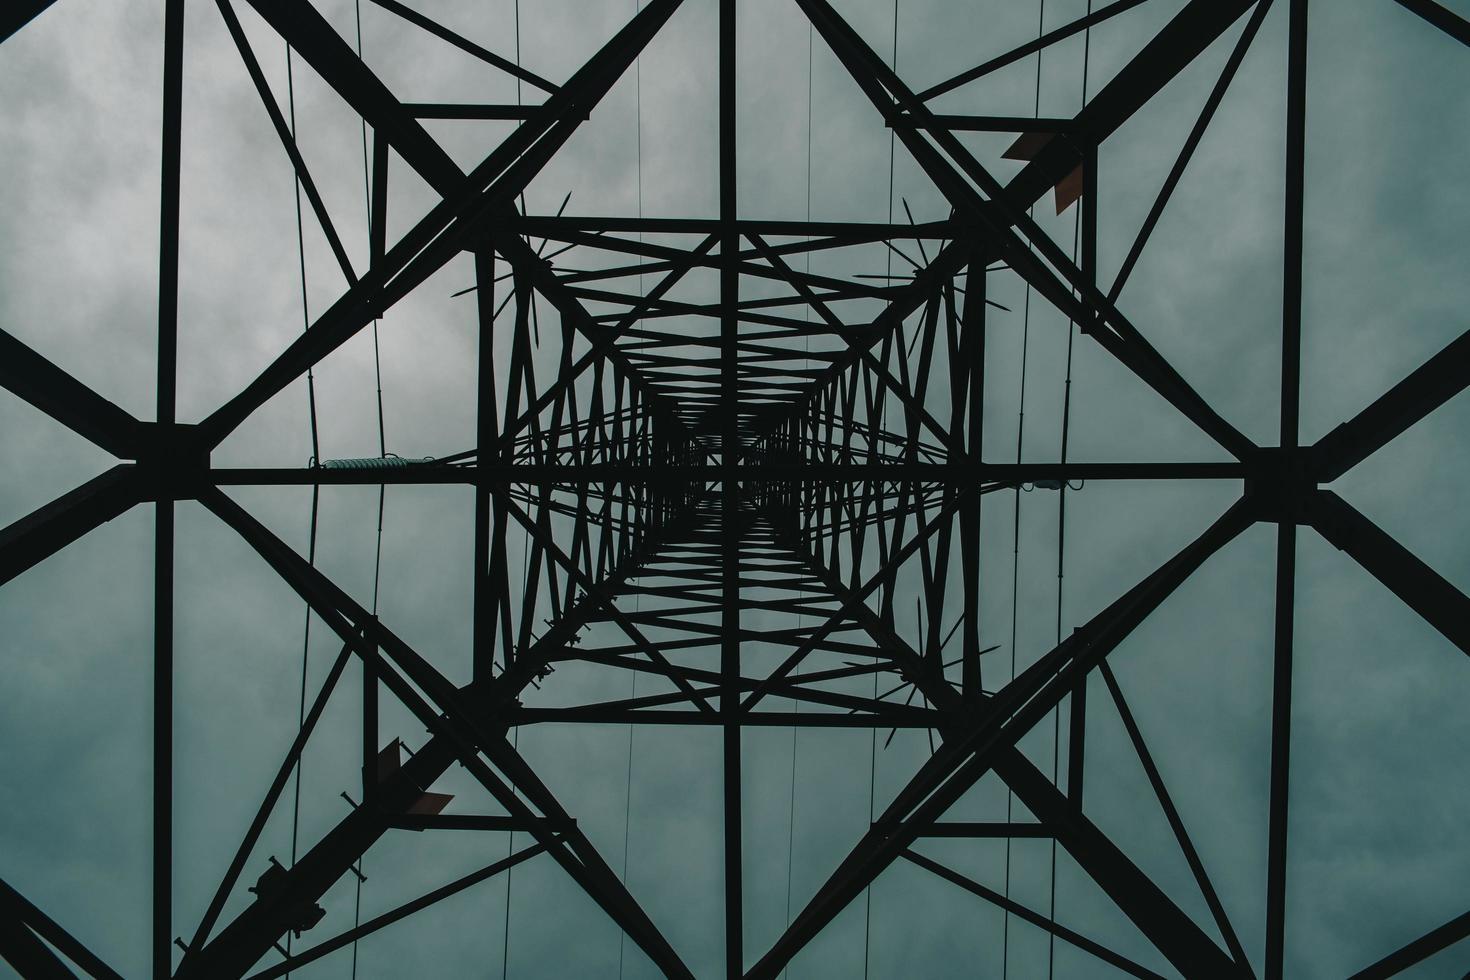 lage hoek gezien toren foto